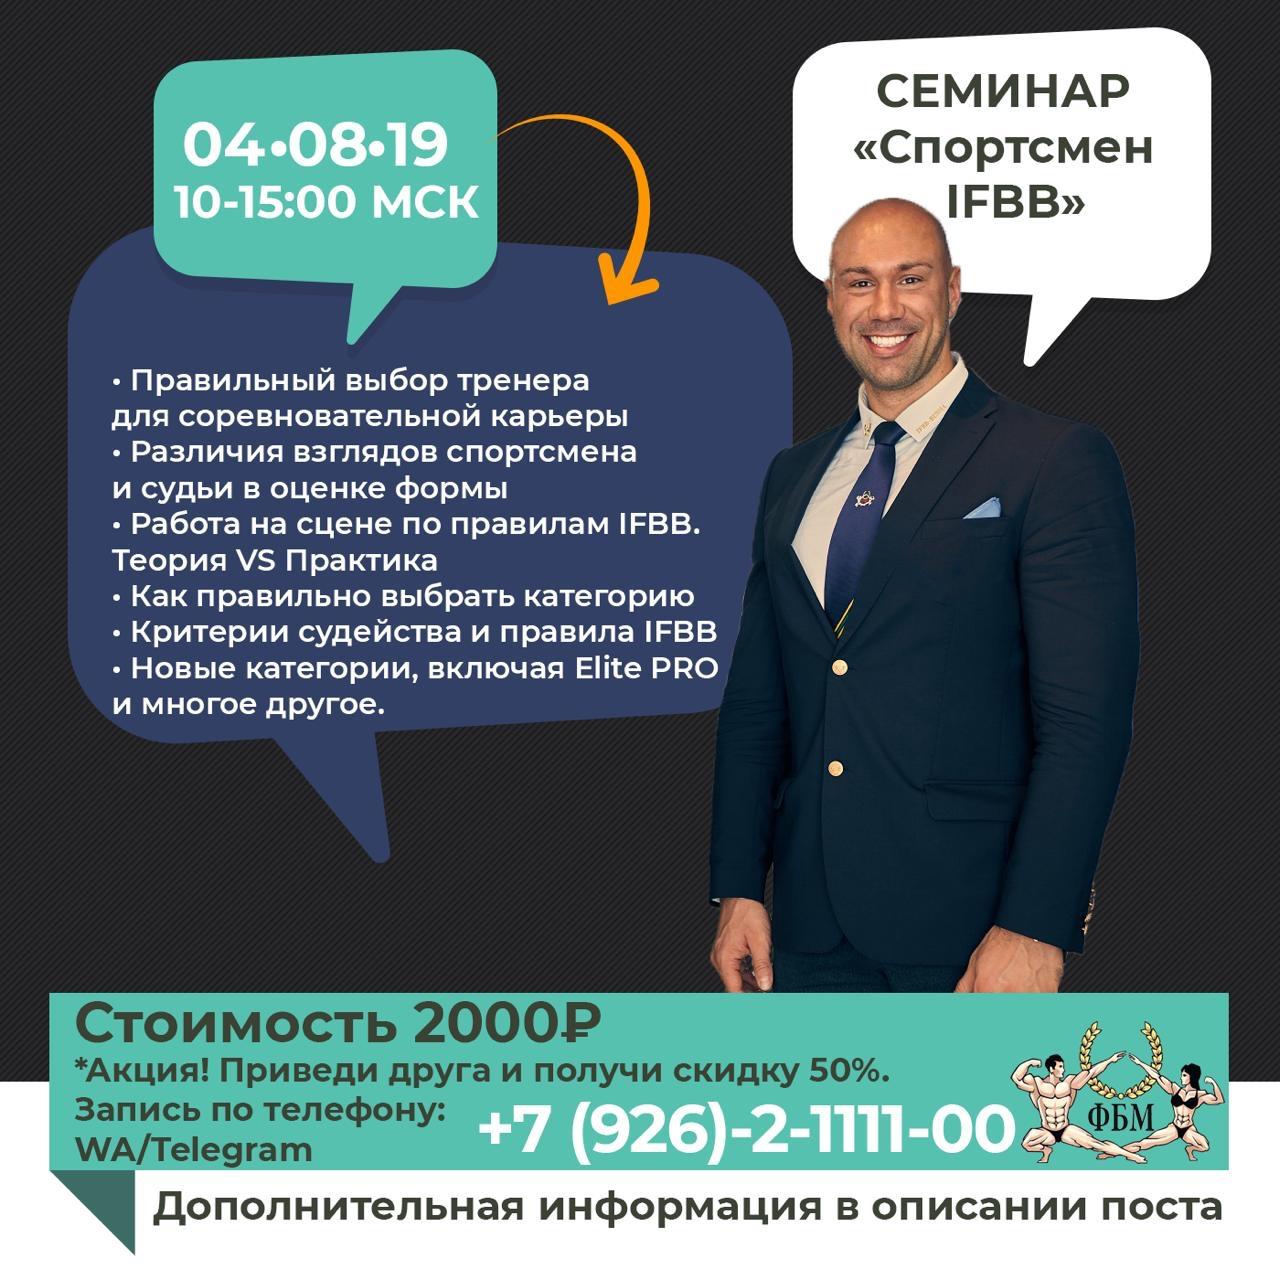 семинар «СПОРТСМЕН IFBB»